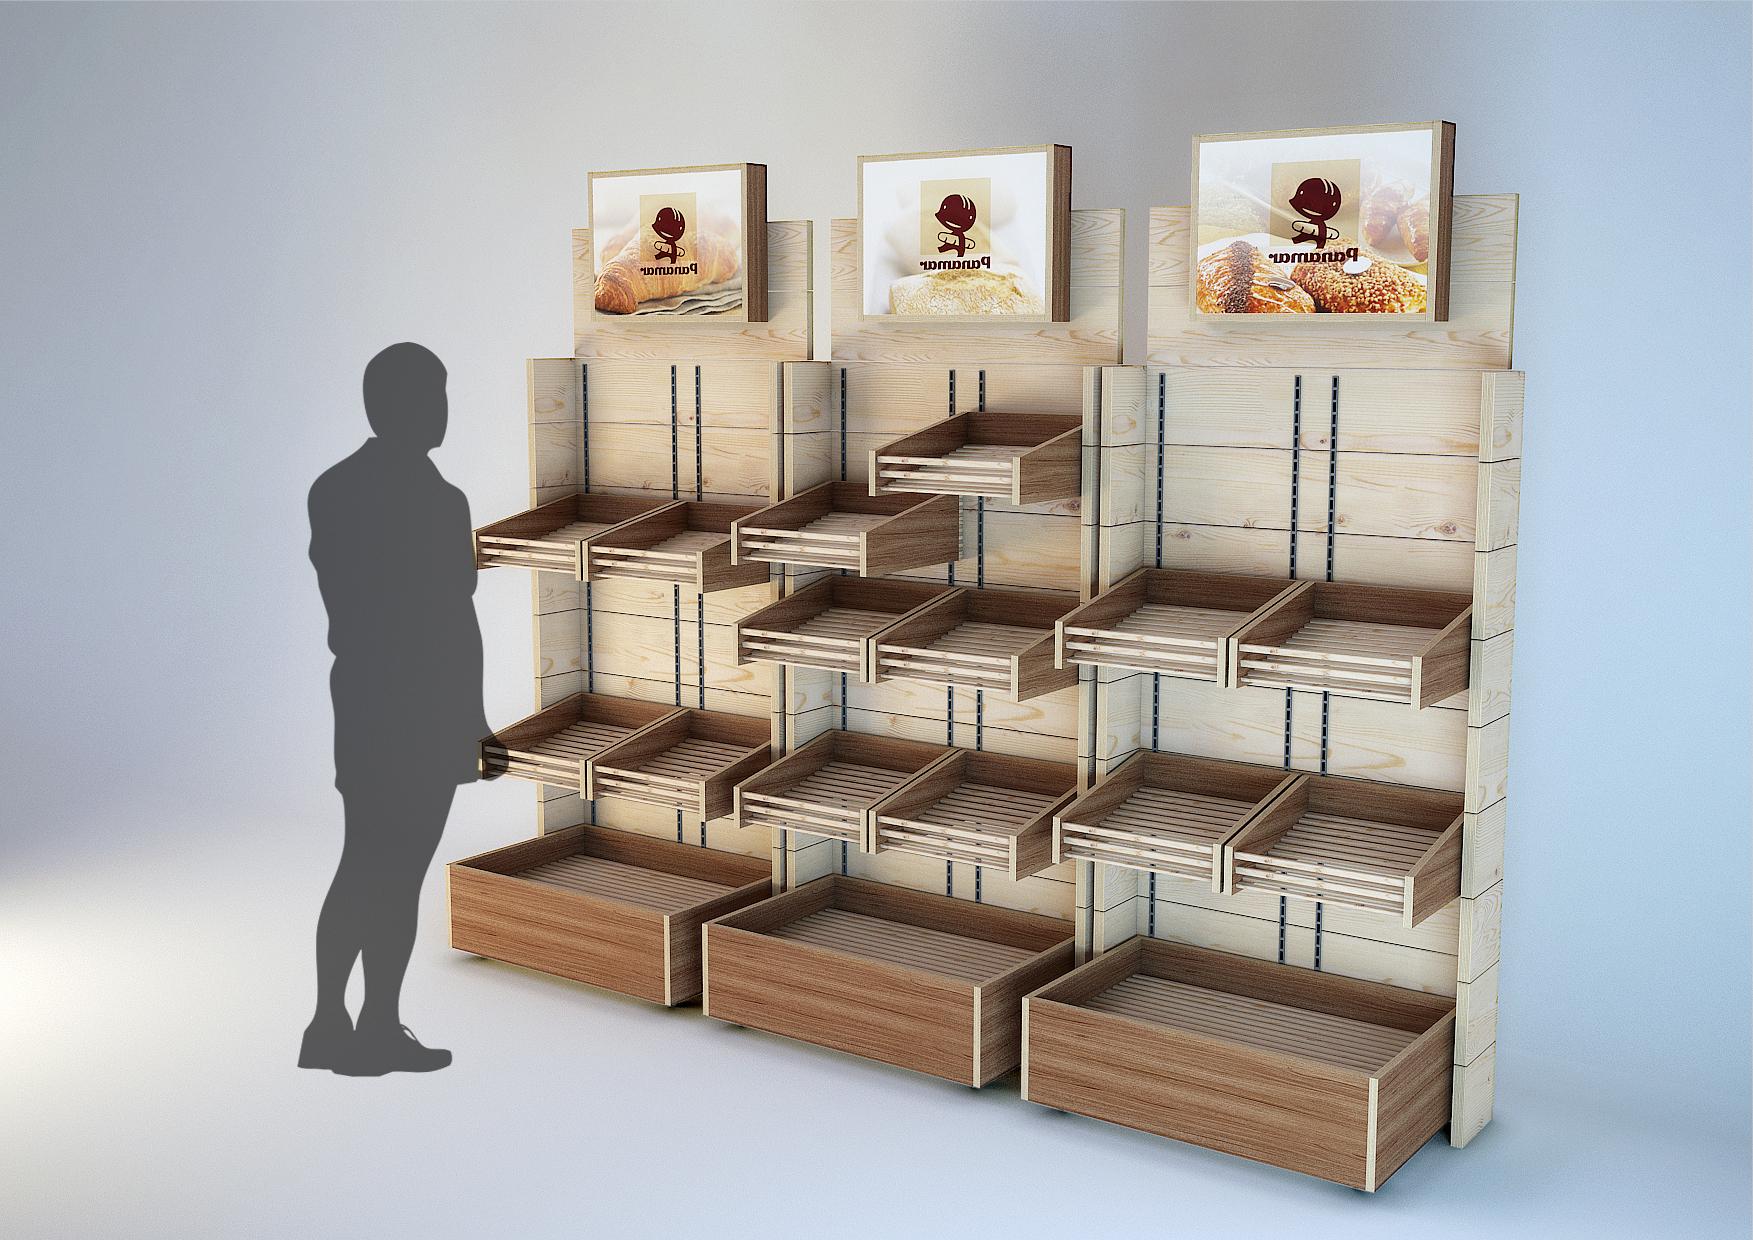 Mueble Expositor Etdg Mueble Expositor Para Lineal De Supermercado O Grandes Superficies